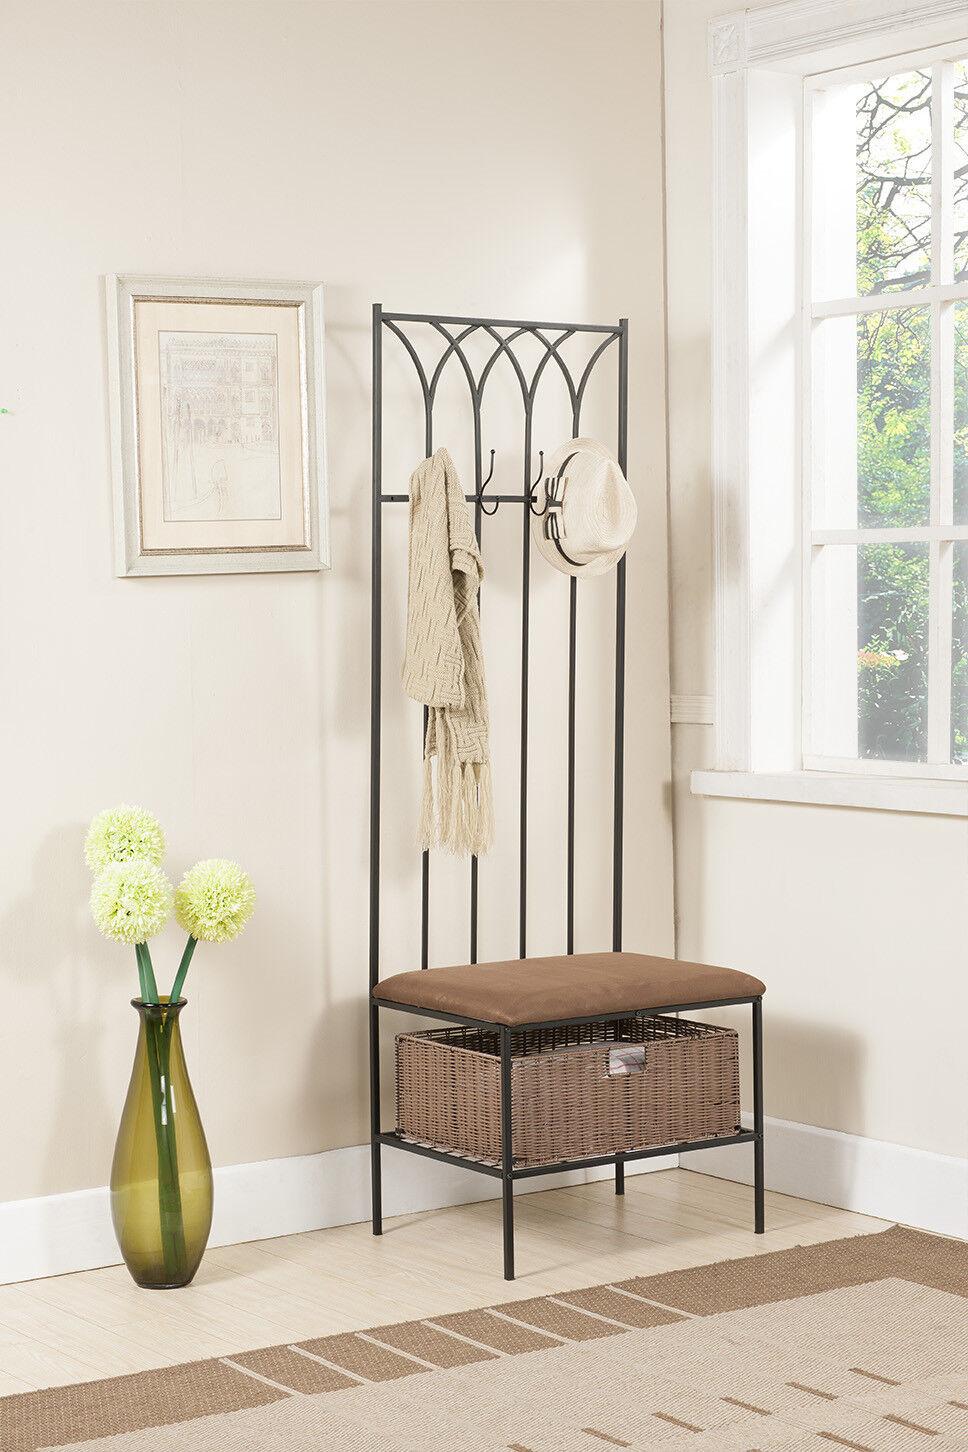 kings brand hallway storage bench with coat rack basket new. Black Bedroom Furniture Sets. Home Design Ideas